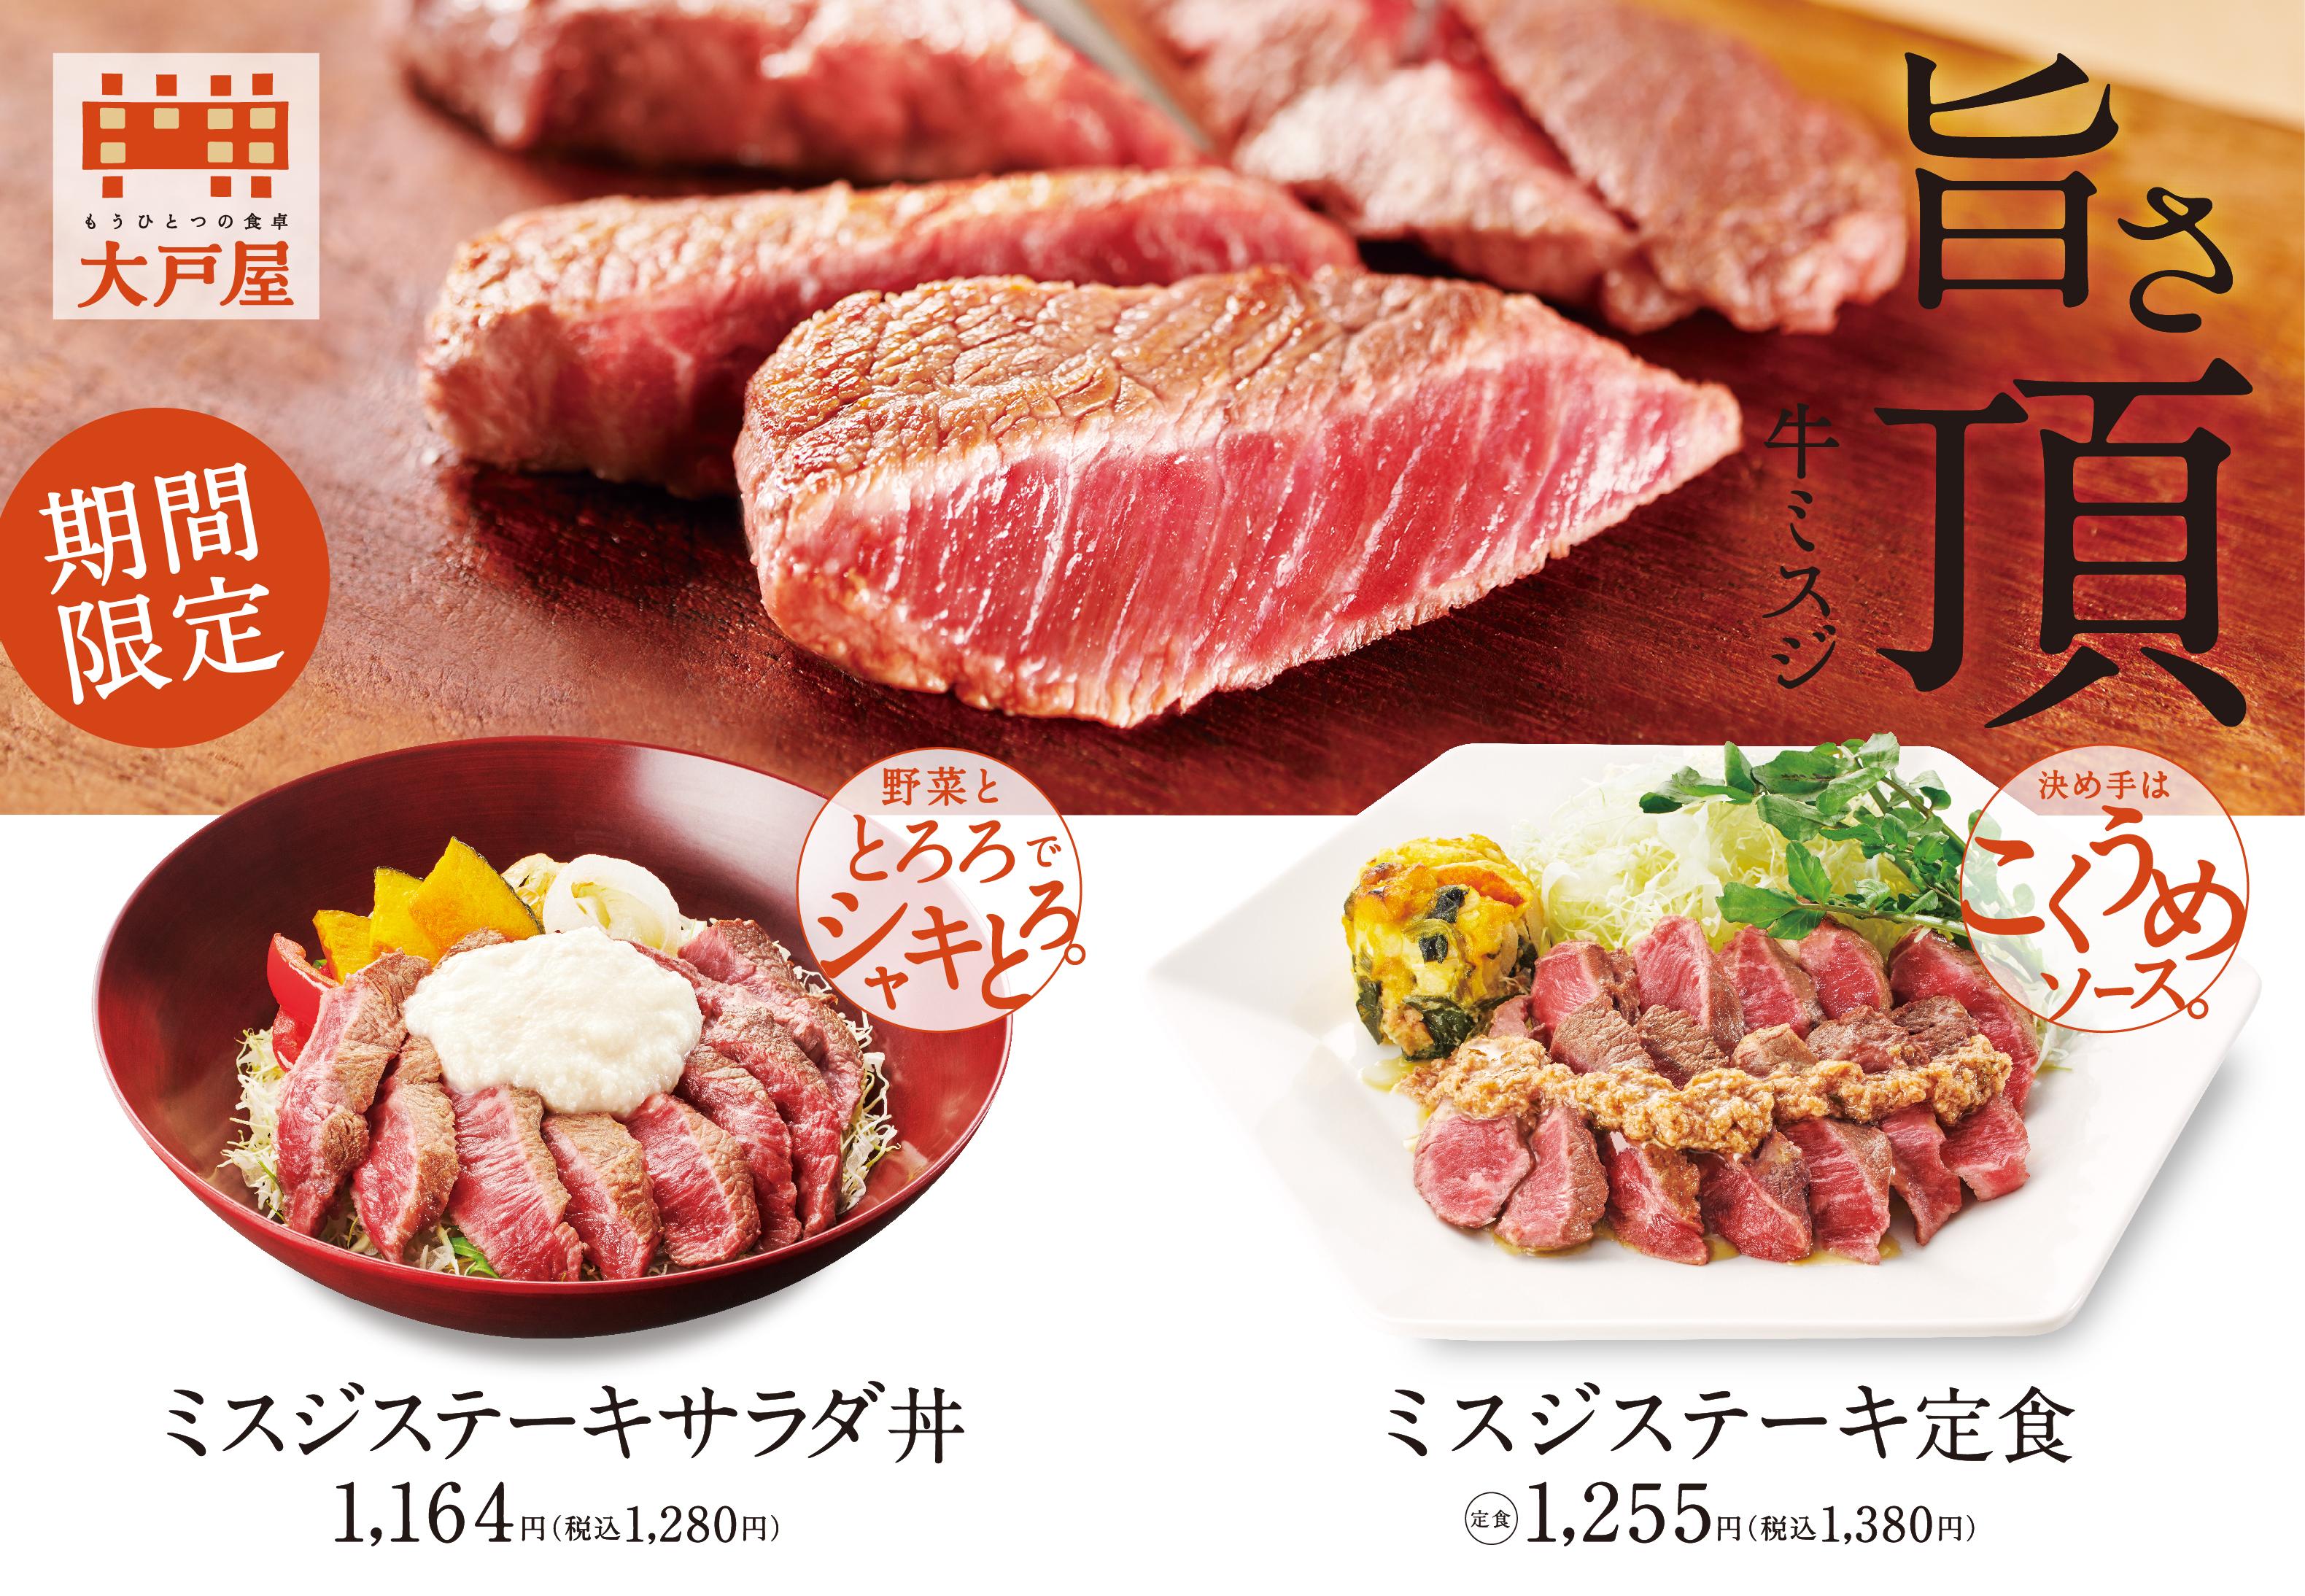 旨さ頂!牛ミスジのステーキ2品、2月21日(金)より期間限定販売! 画像